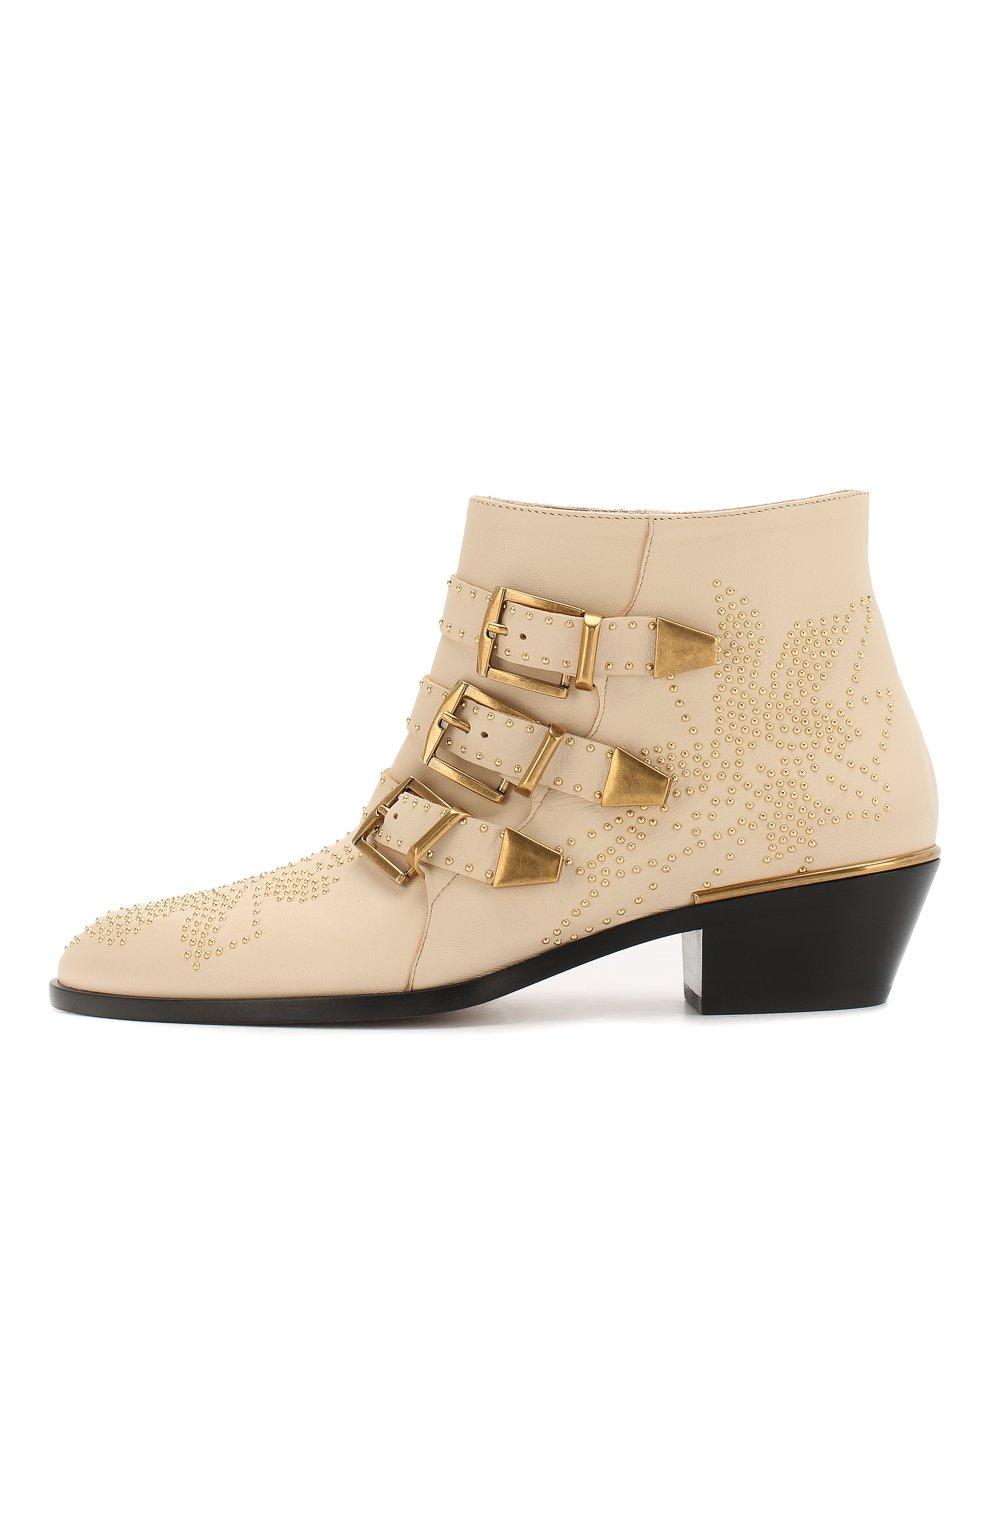 Кожаные ботинки Susanna Chloé кремовые   Фото №3